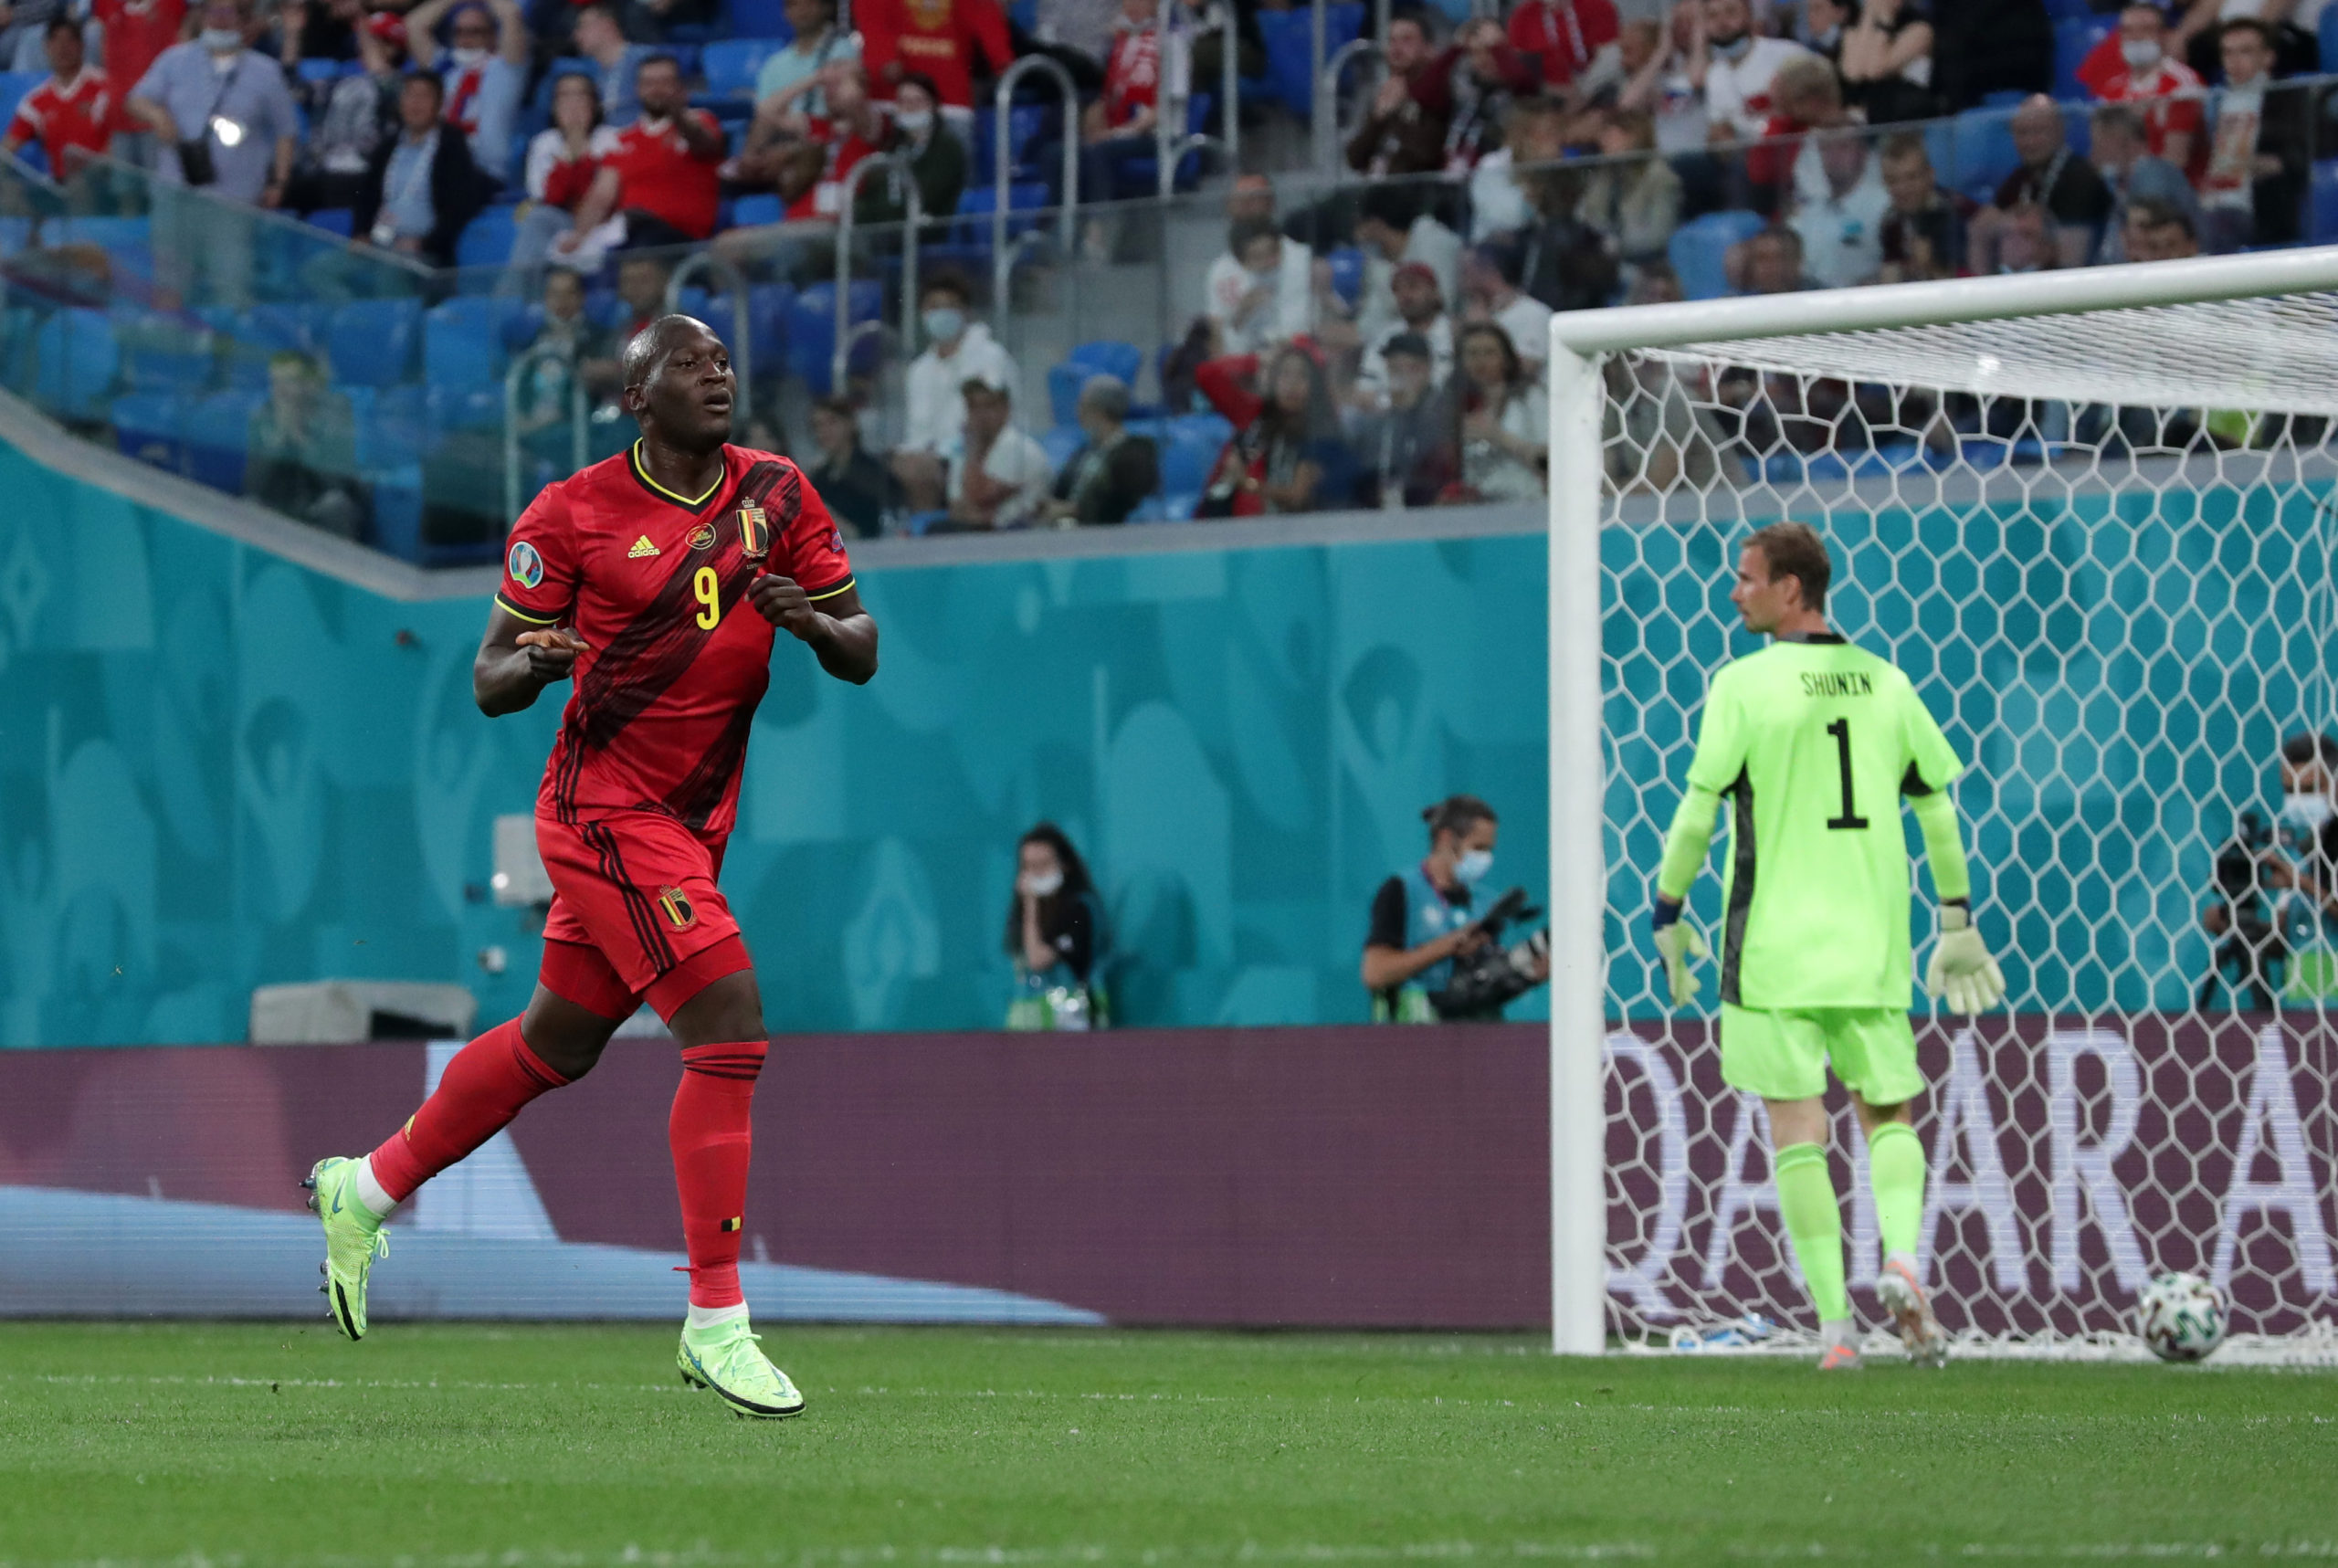 लुकाकुद्वारा आफ्नो गोल क्रिष्टियनको नाममा समर्पित, बेल्जियम ३–० ले विजयी